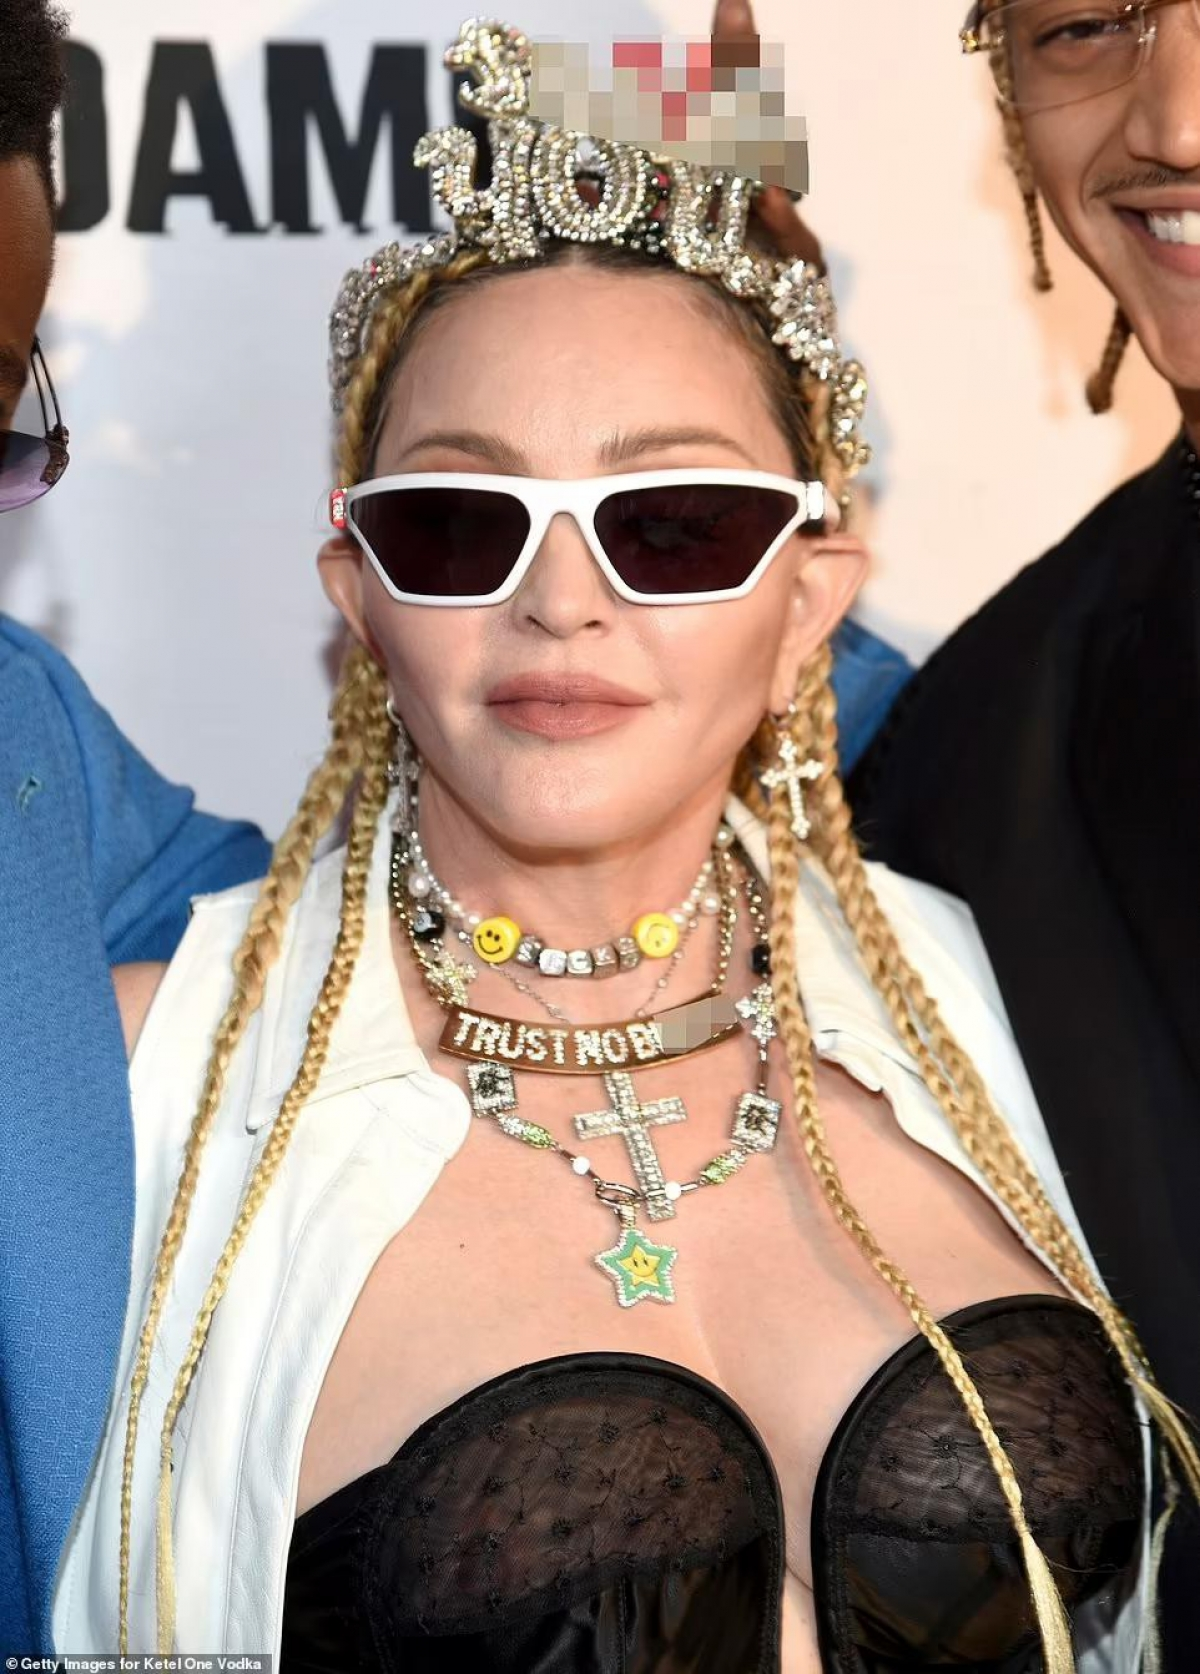 Bố của Williams cho biết ông không ủng hộ việc phân biệt tuổi tác trong tình yêu và cảm thấy hạnh phúc khi con trai có tình cảm với Madonna./.